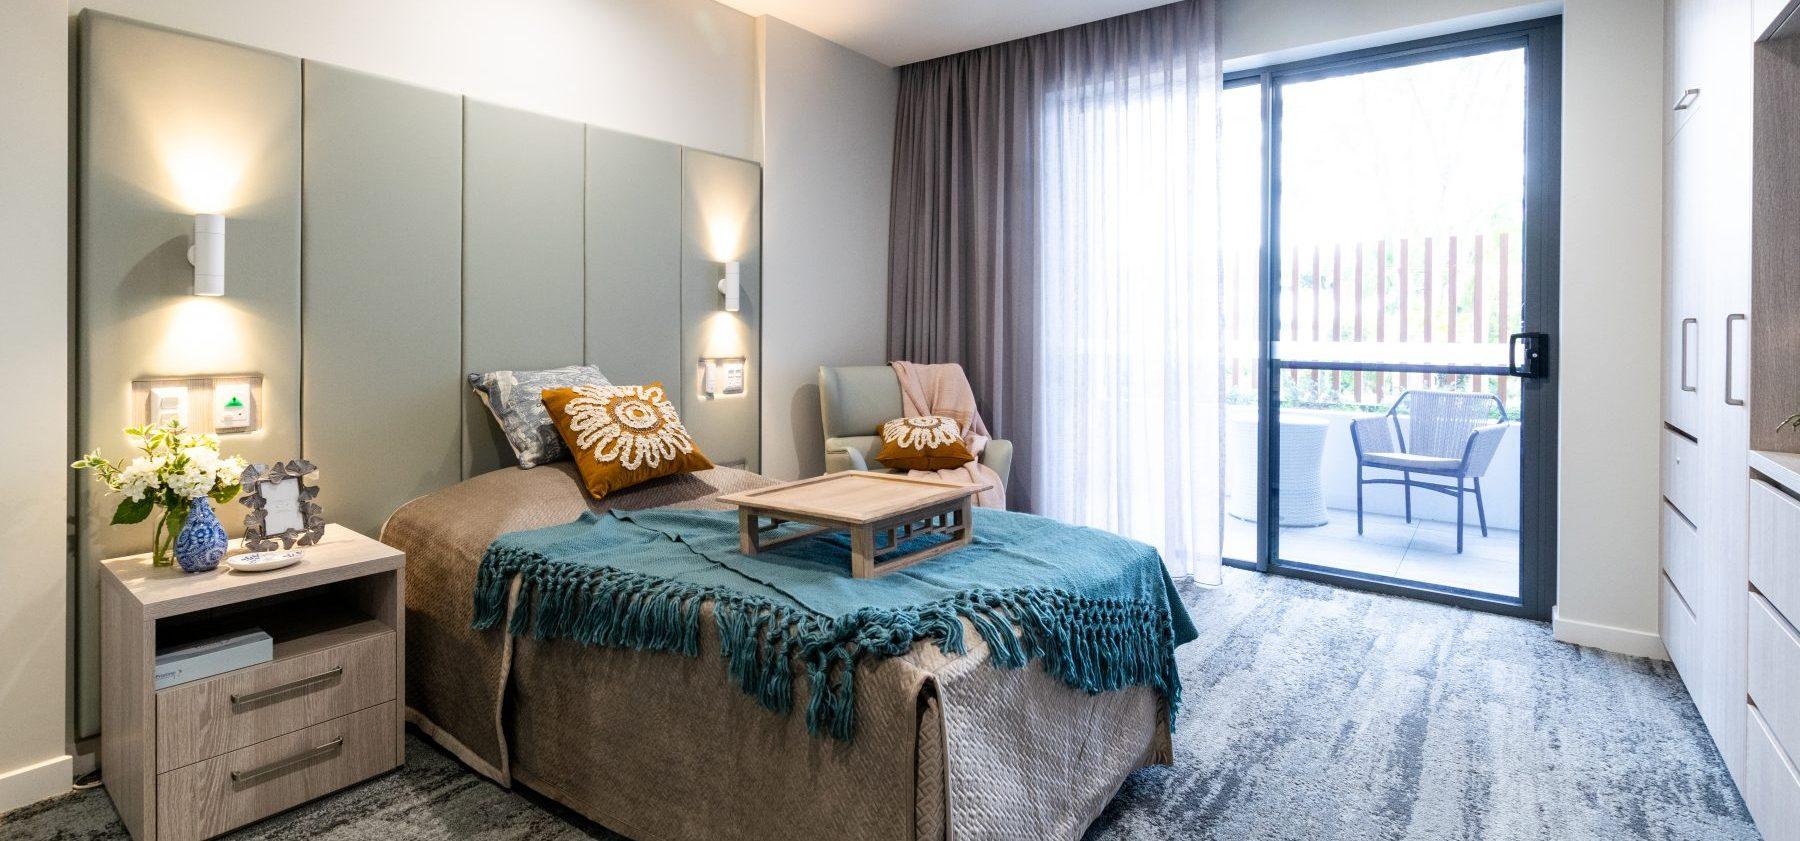 Arcare Noosa Interior Bedroom